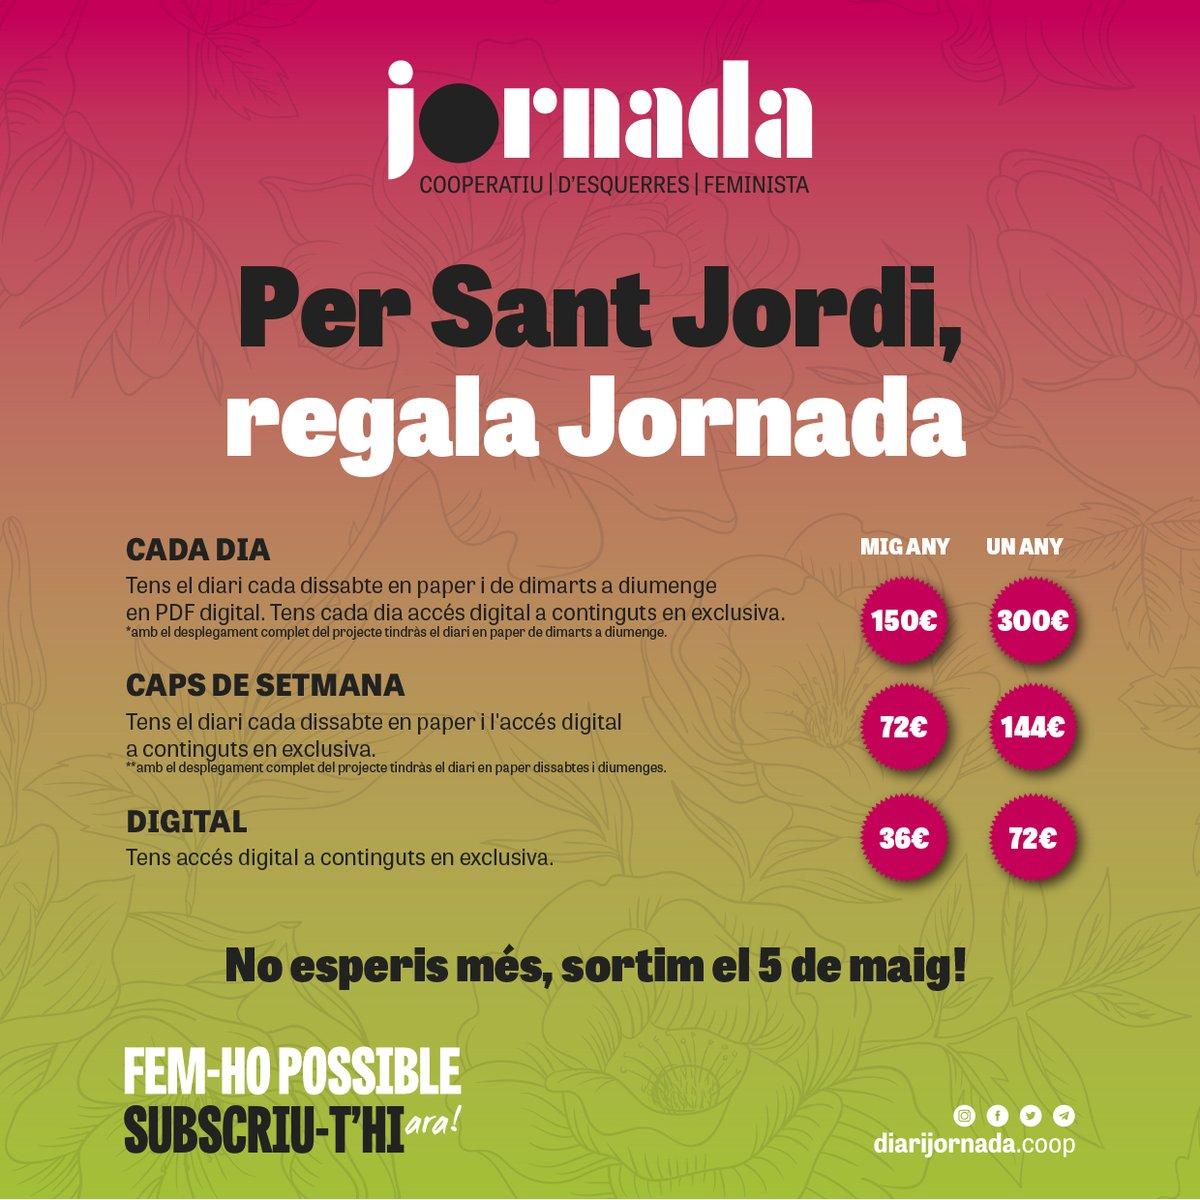 Fem-ho possible! Per #SantJordi subscriu...